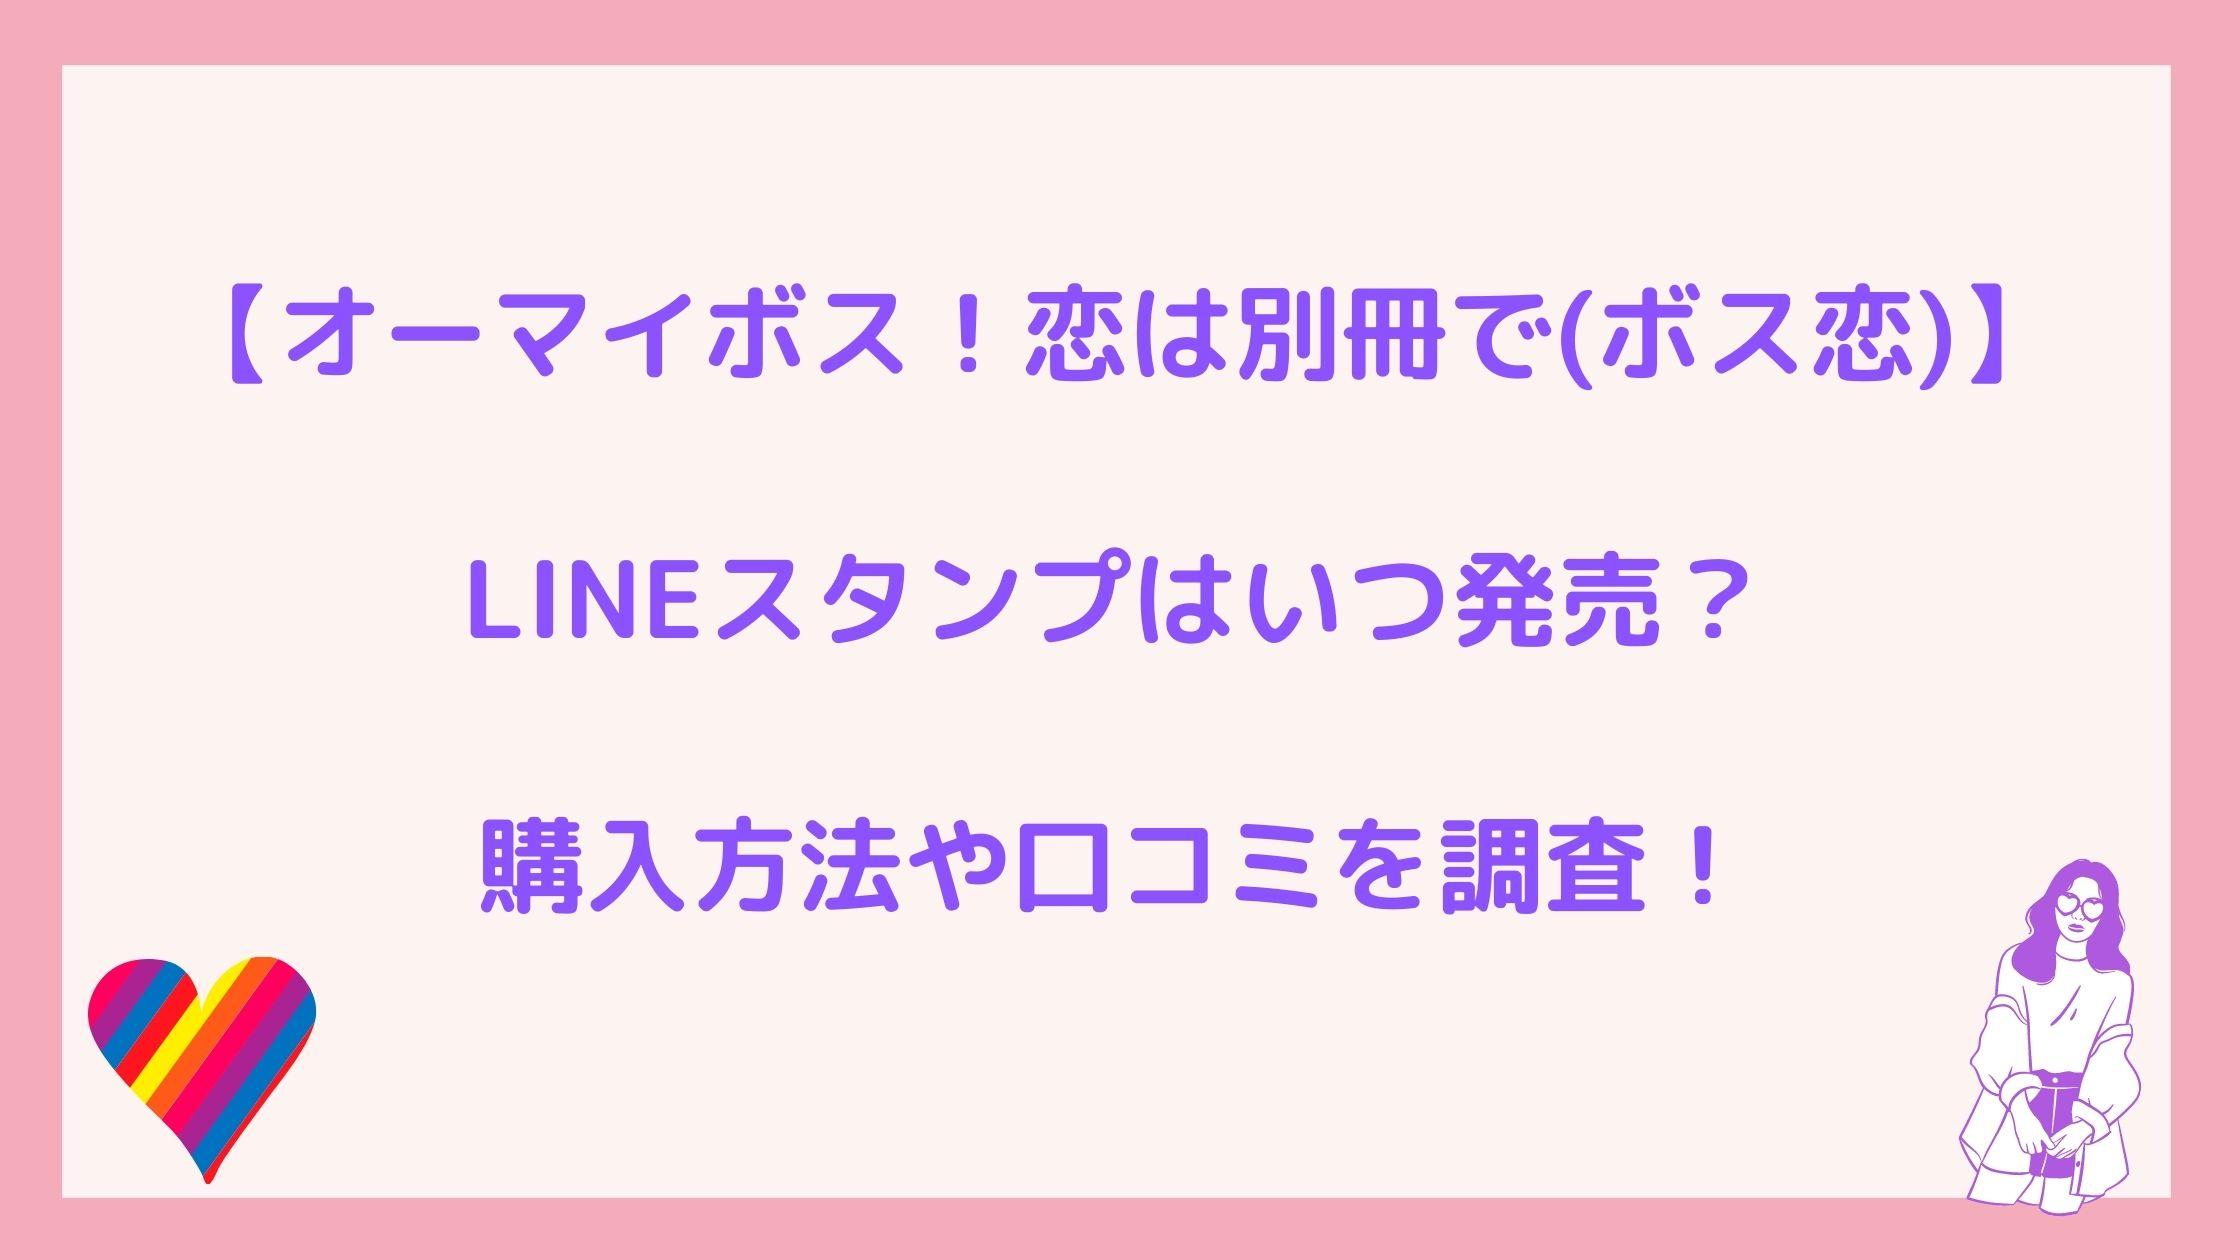 オーマイボス!恋は別冊で(ボス恋)LINEスタンプはいつ発売?購入方法や口コミを調査!